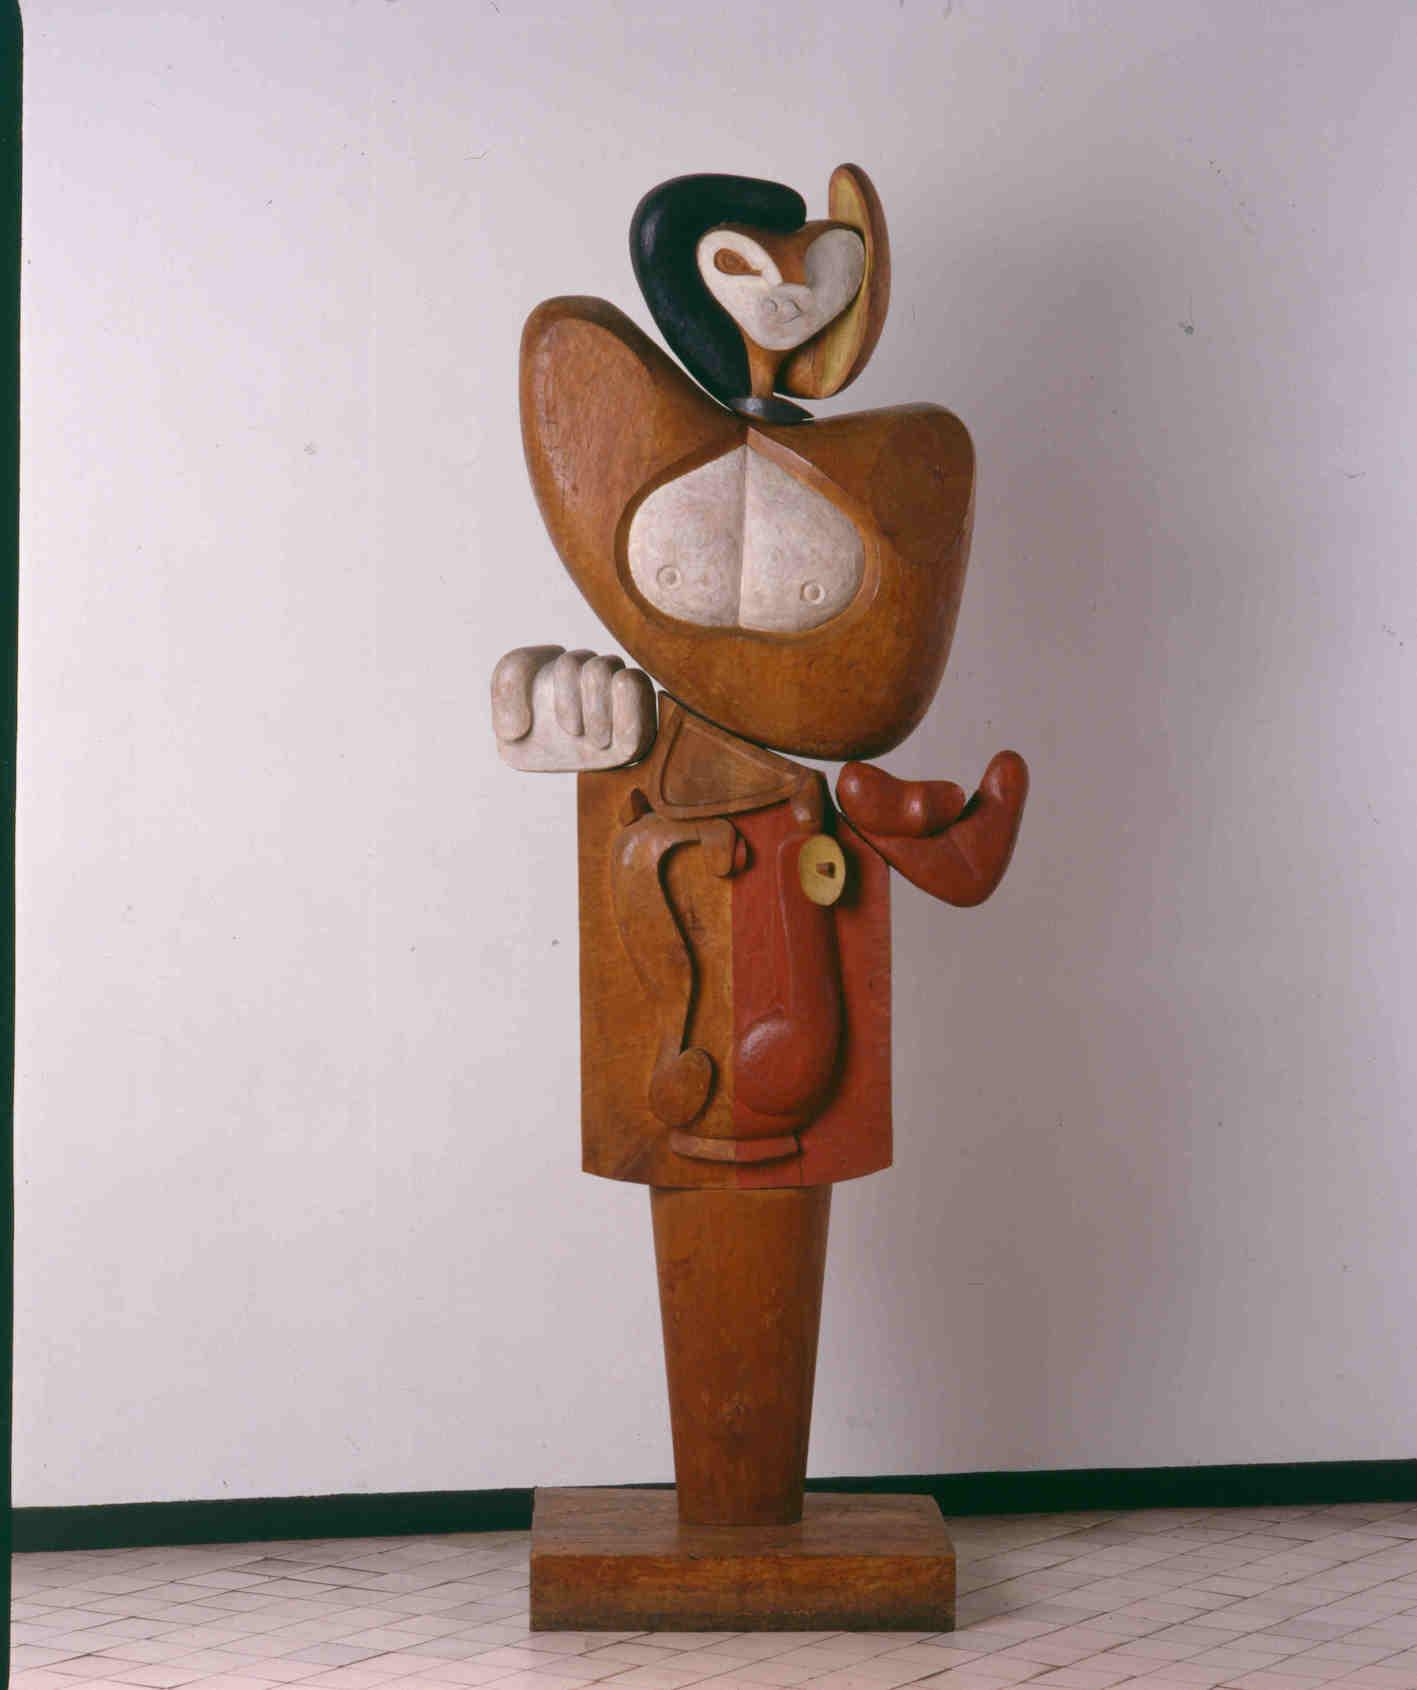 Le Corbusier, Femme, 1953.